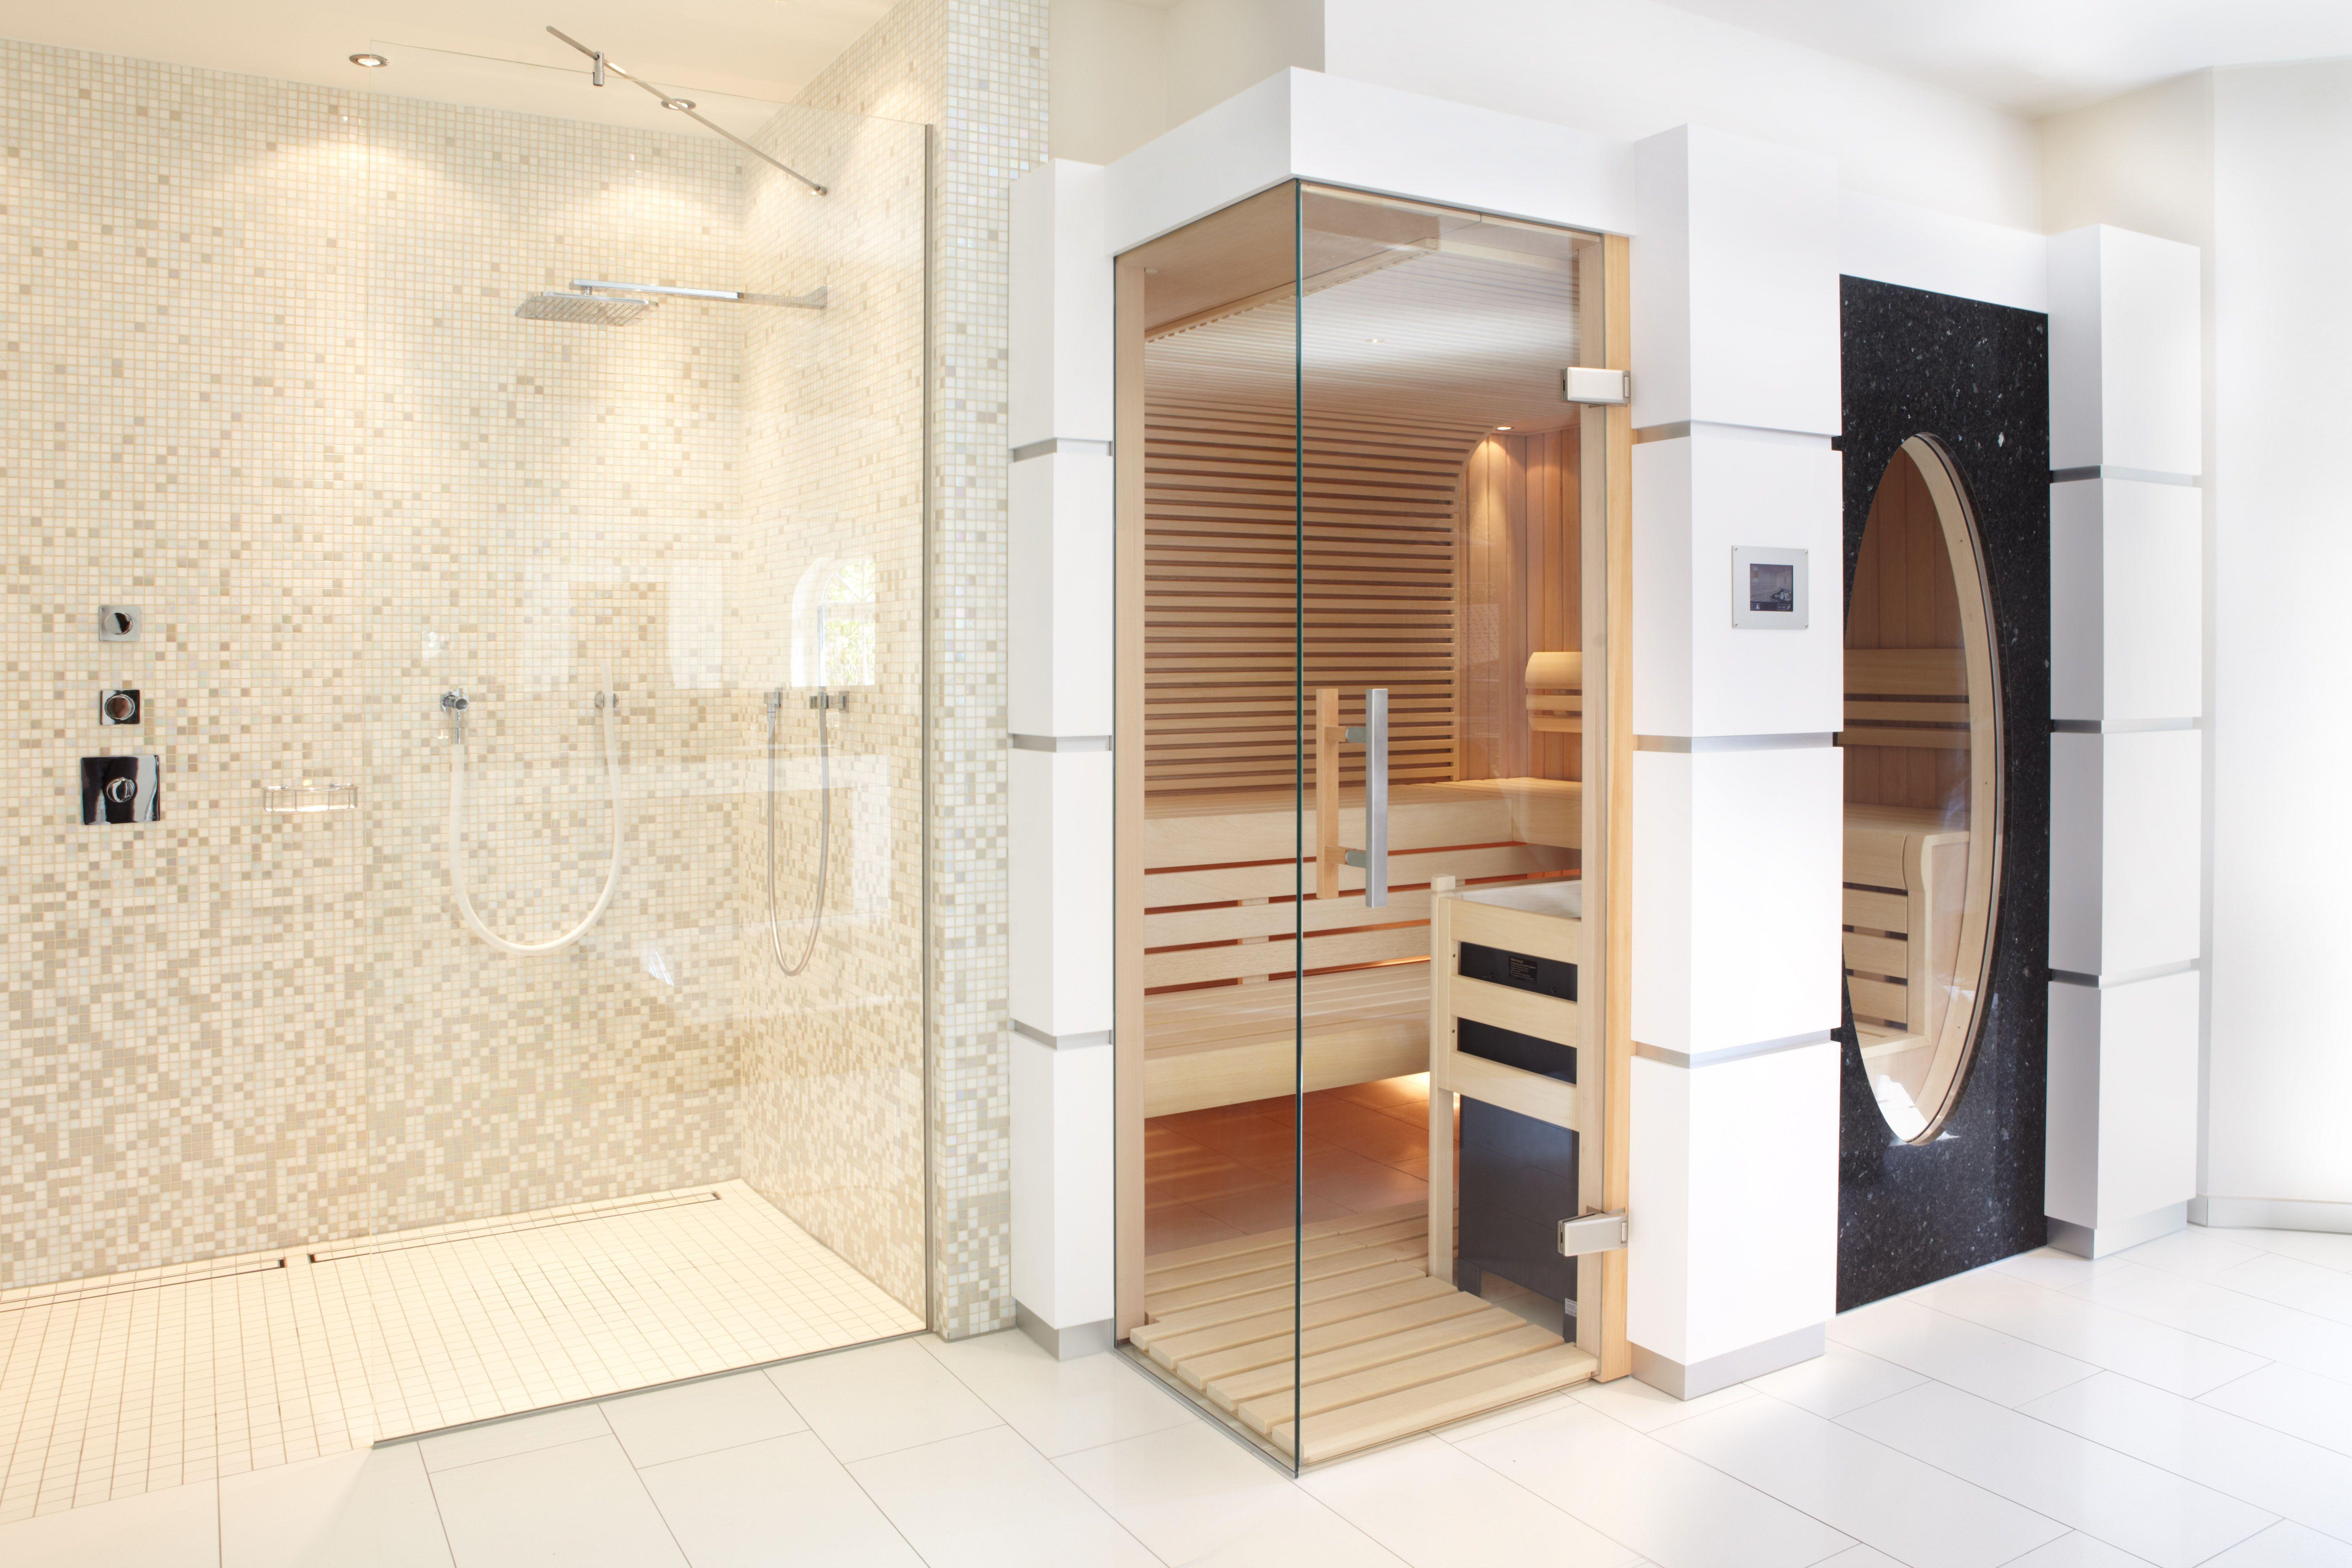 Modernes Badezimmer Mit Offener Dusche Und Sauna Wellness Glass Shower Spa Erdmannsauna Erdmannexklusives Badezimmer Klein Badezimmer Modernes Badezimmer